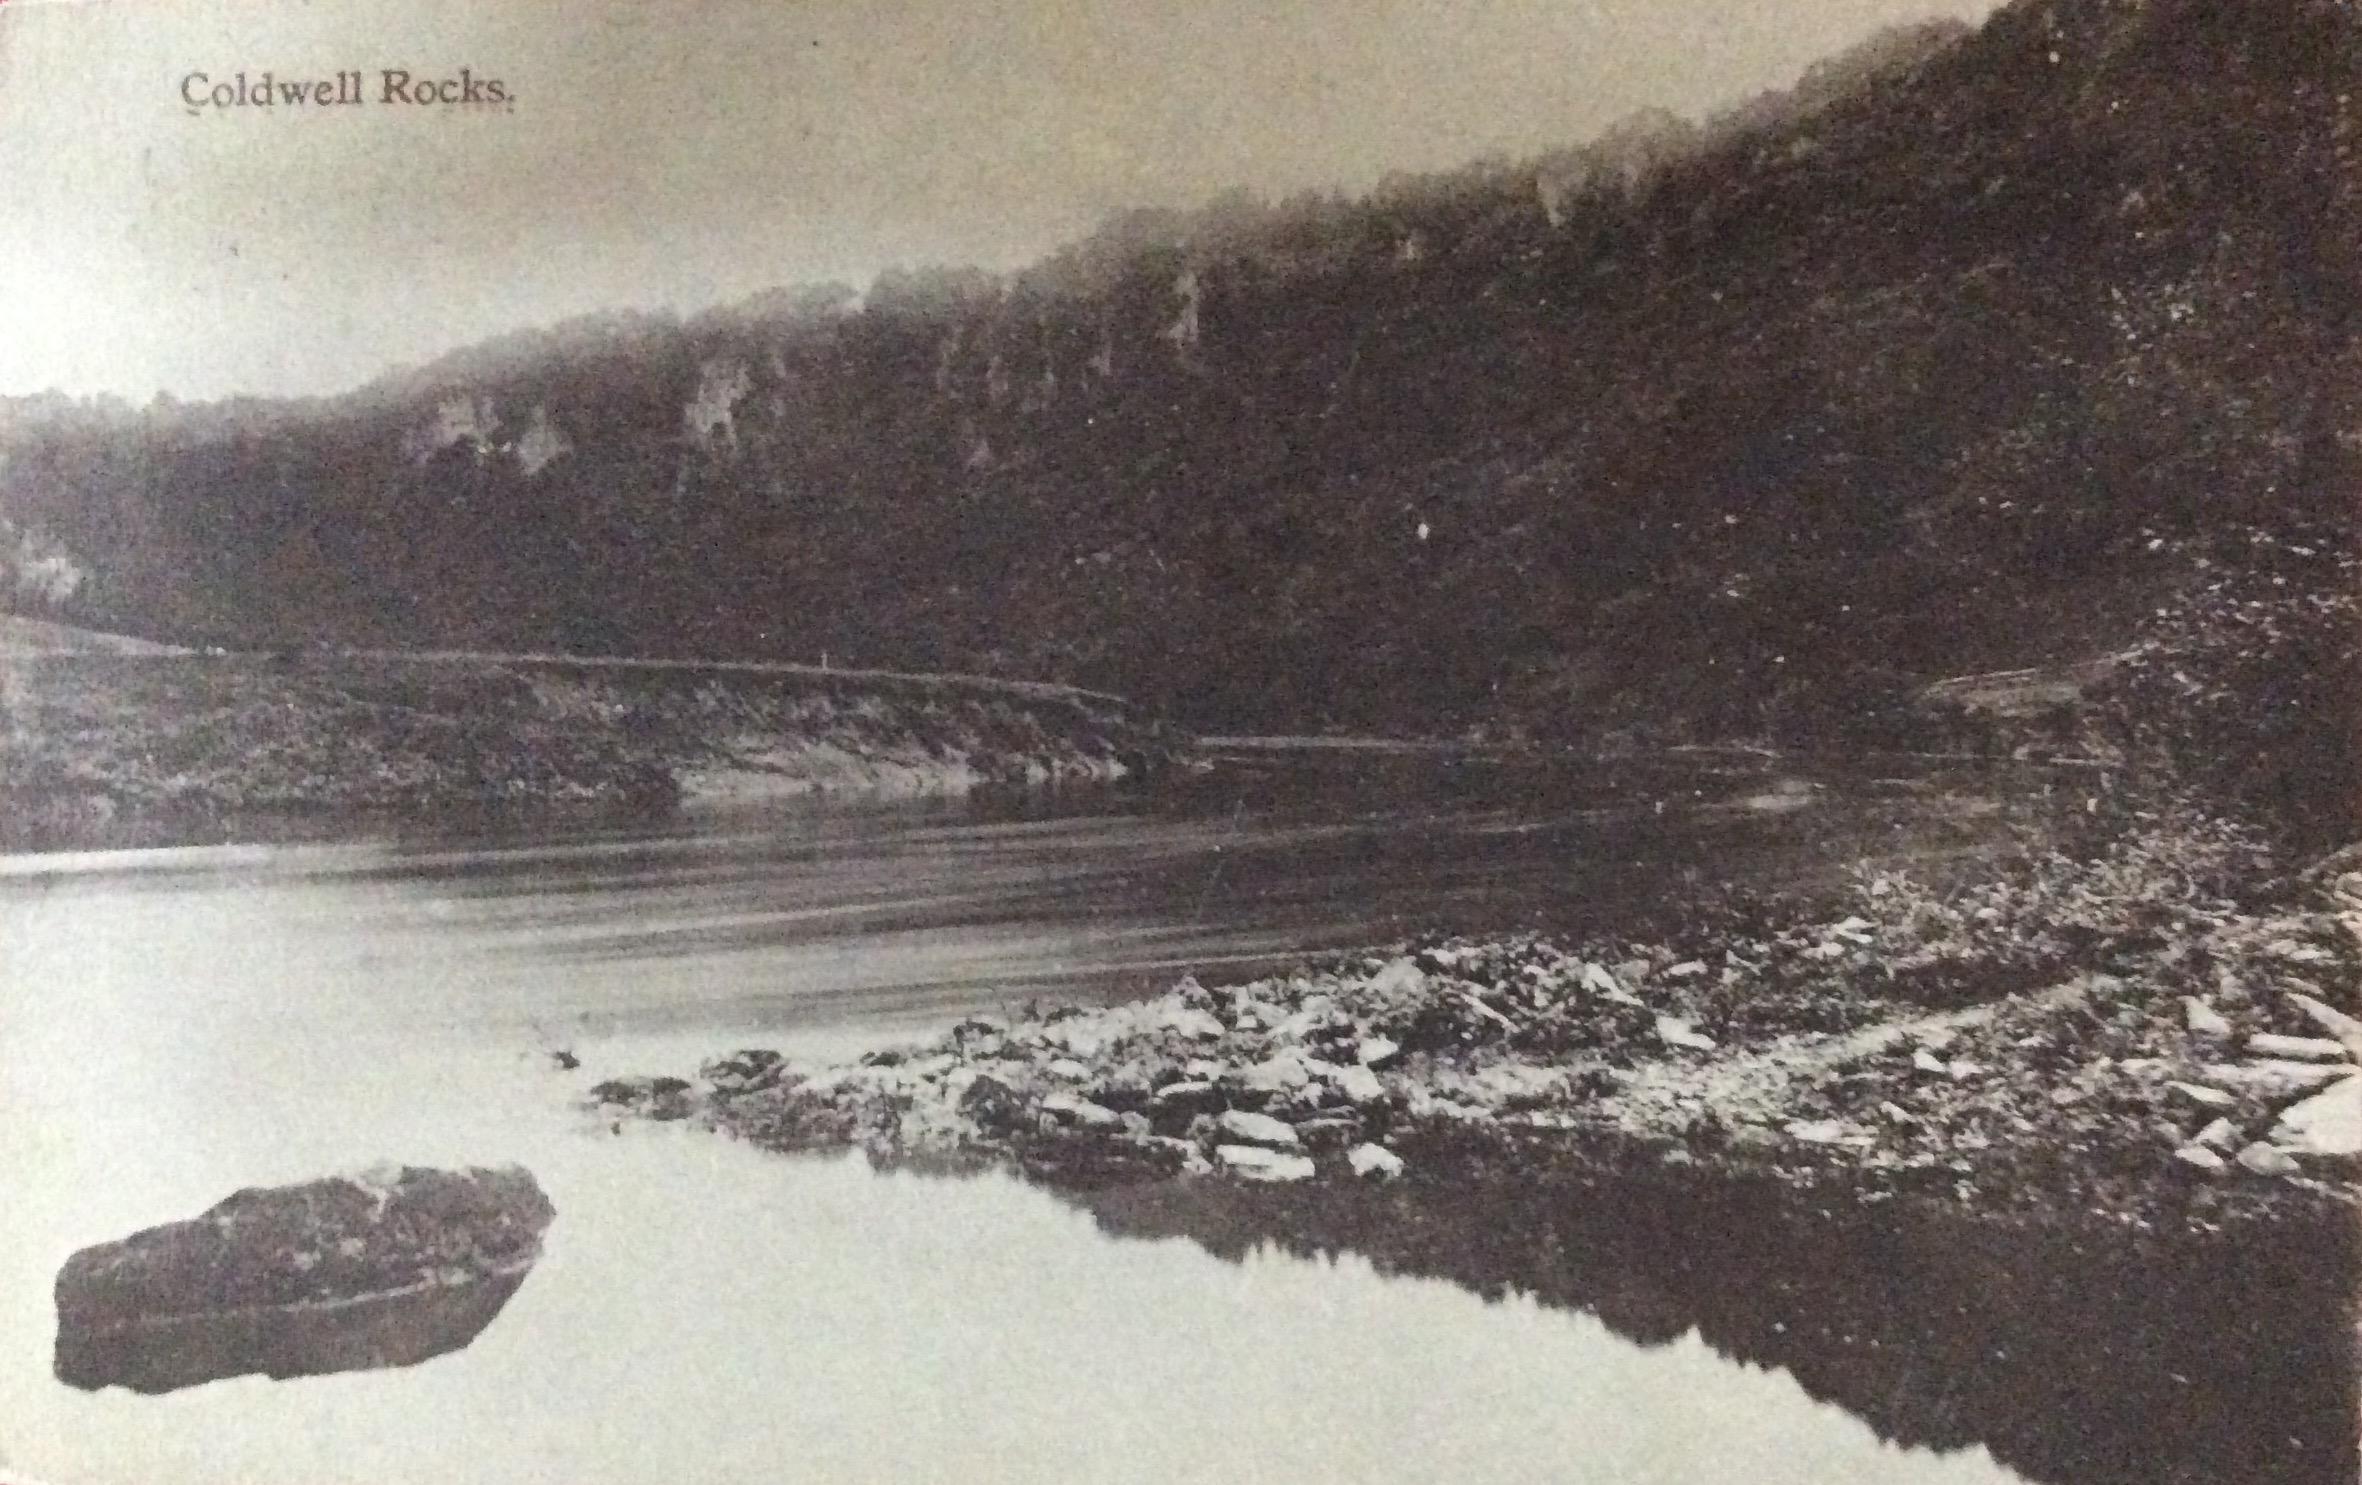 1912 Coldwell Rocks looks uninviting